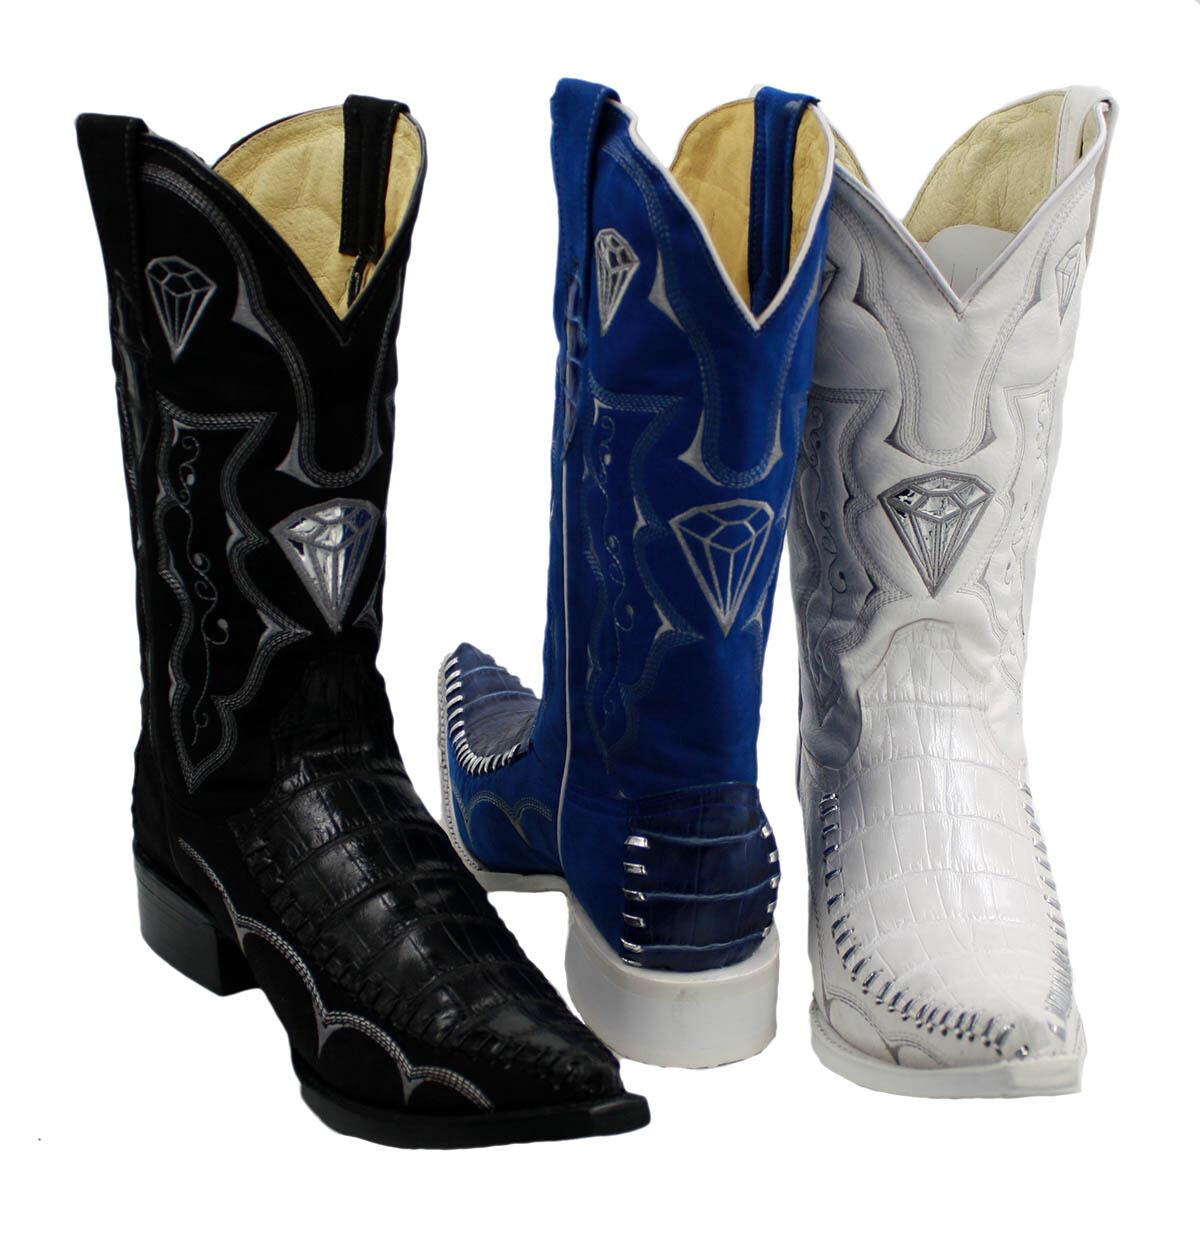 Para hombres Cuero Colors Surtidos 3x De Impresión De Cocodrilo Estilo botas Vaqueras-WD1342